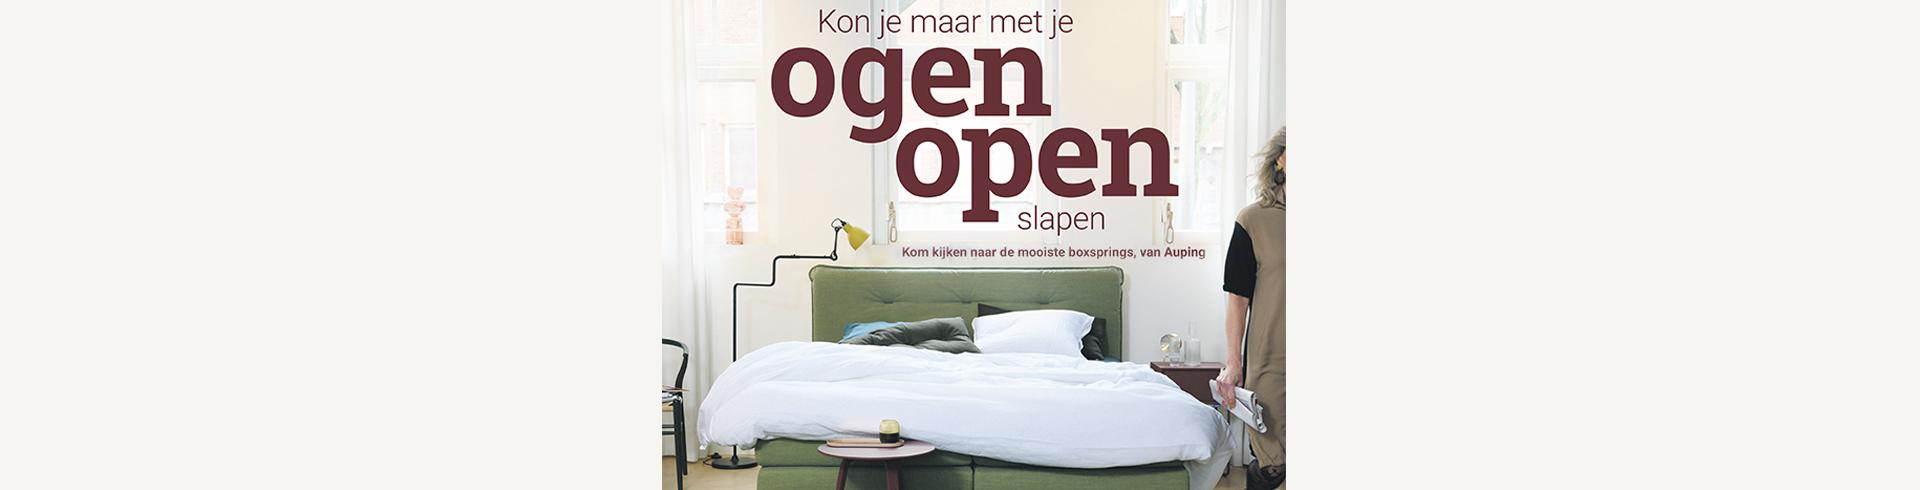 Auping Open Ogen slapen